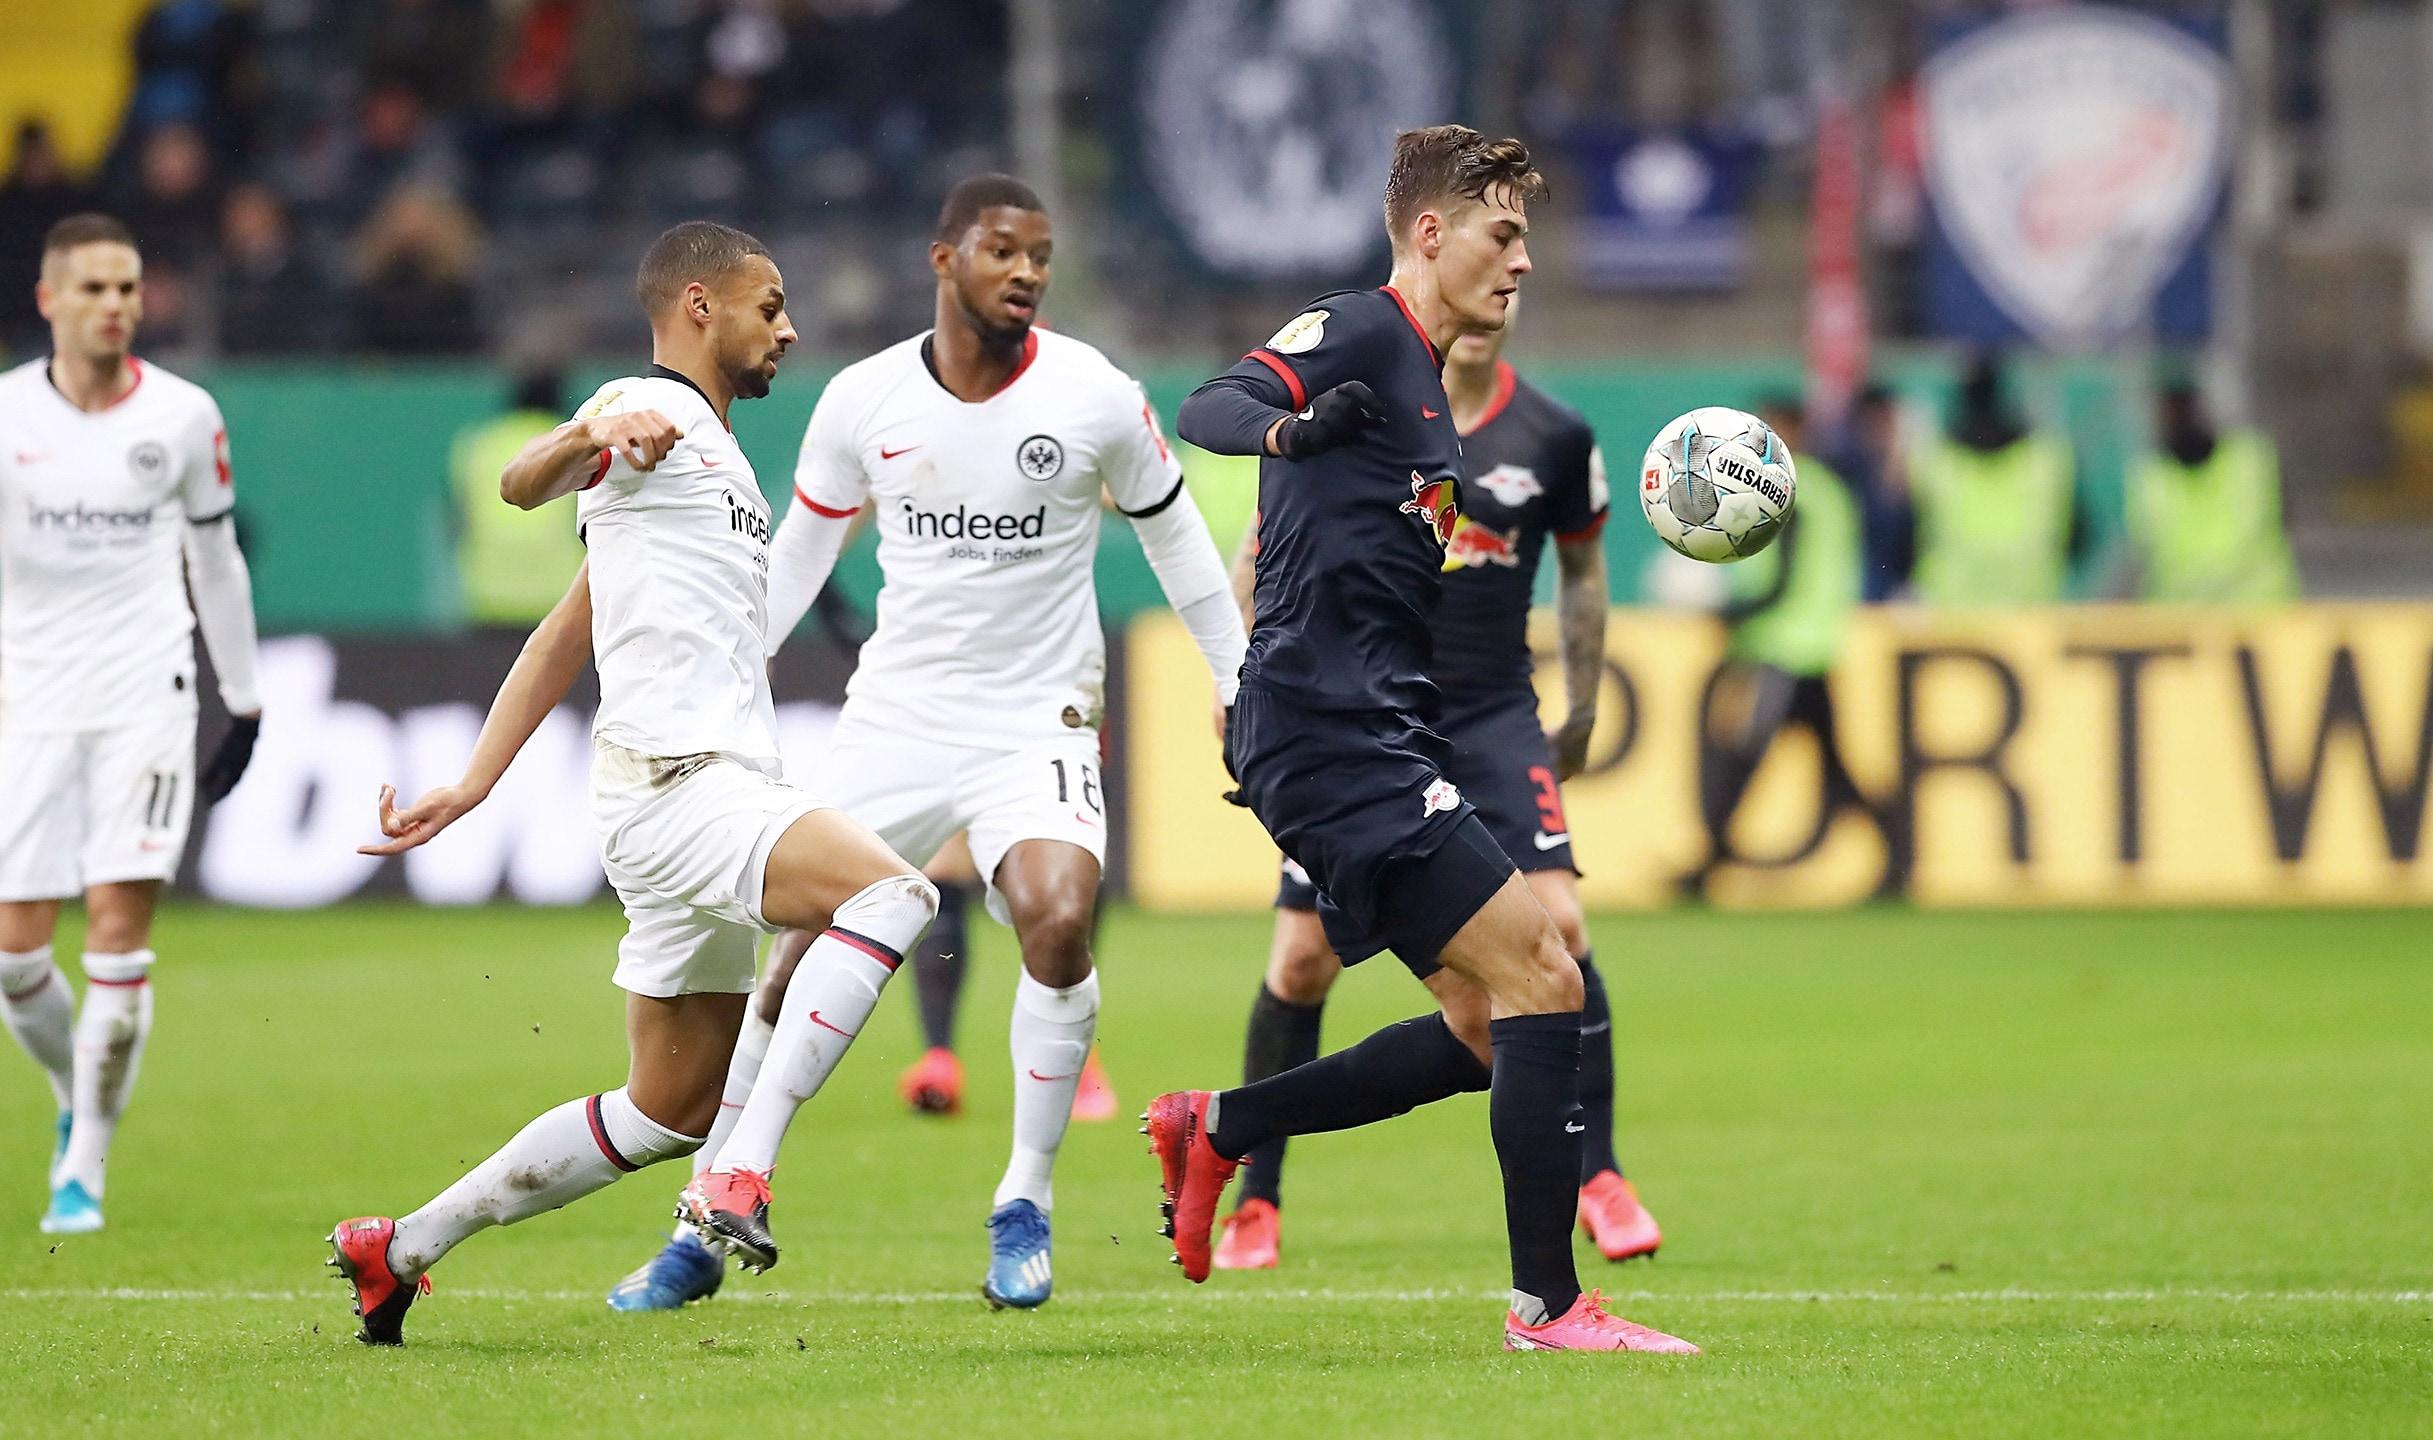 Pokalspiel Eintracht